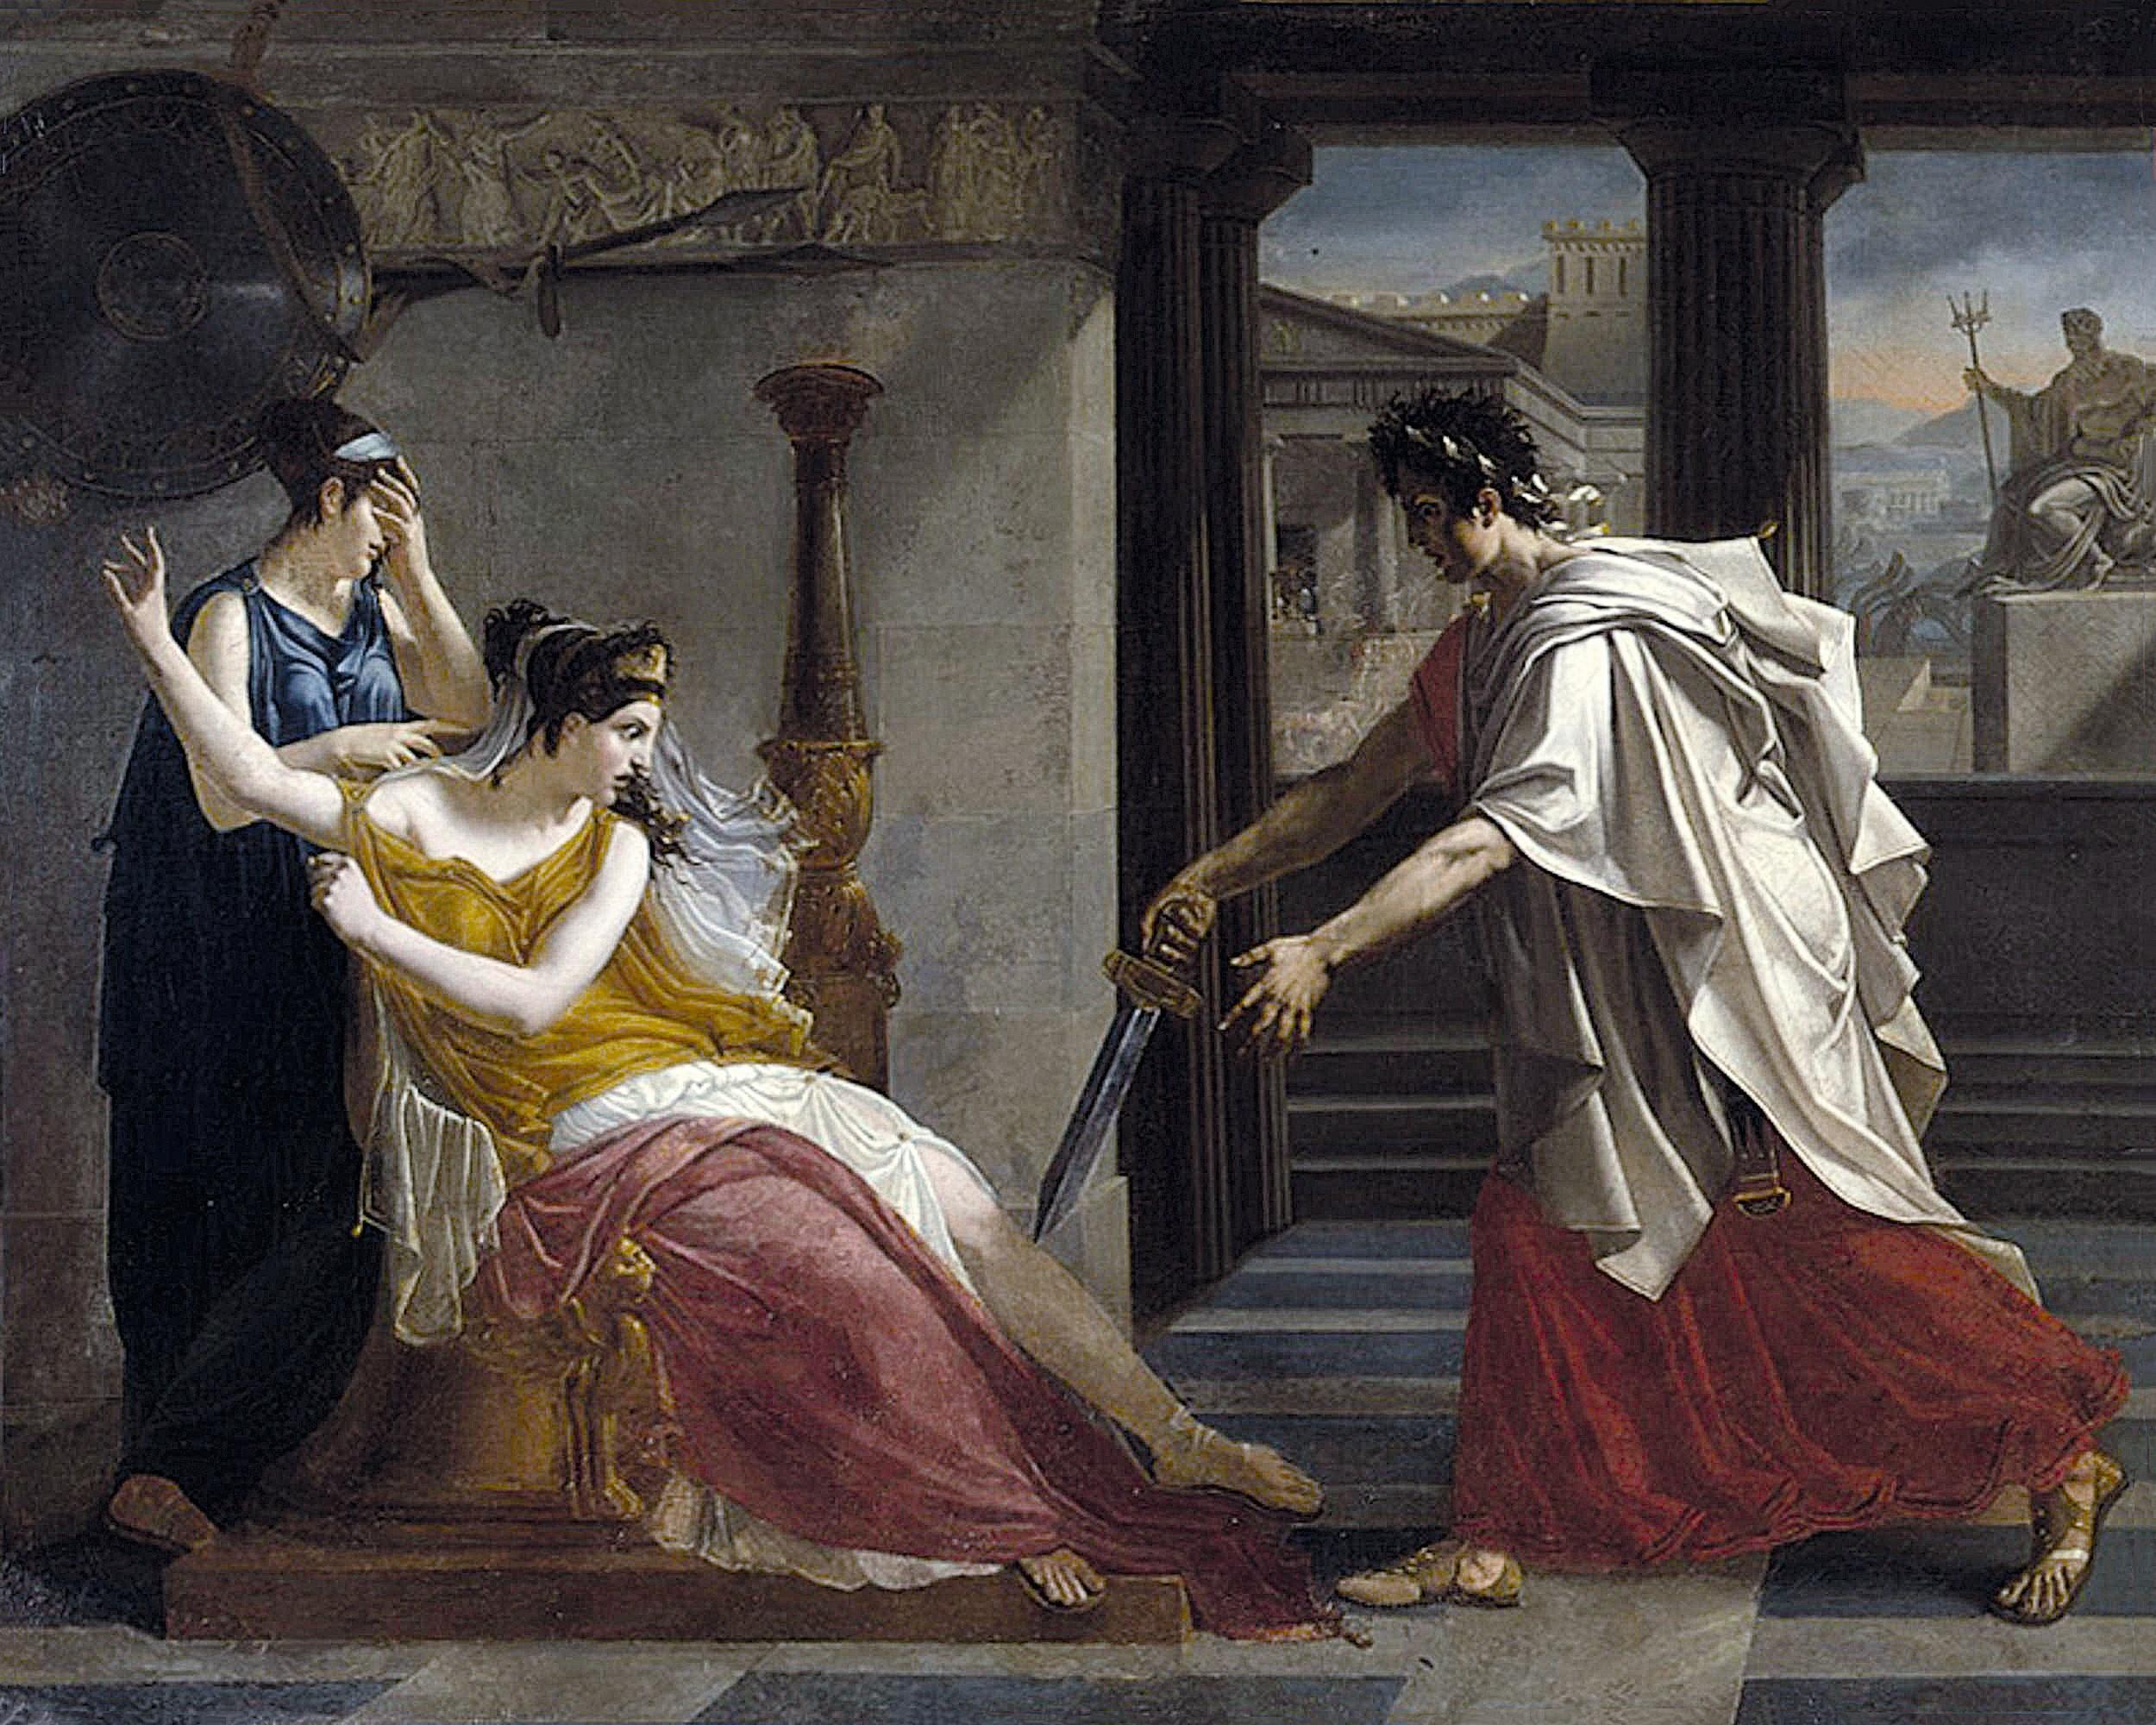 Pierre-Narcisse Guérin, Hermione rejetant Oreste, vers 1800, huile sur toile, musée des Beaux-Arts de Caen.